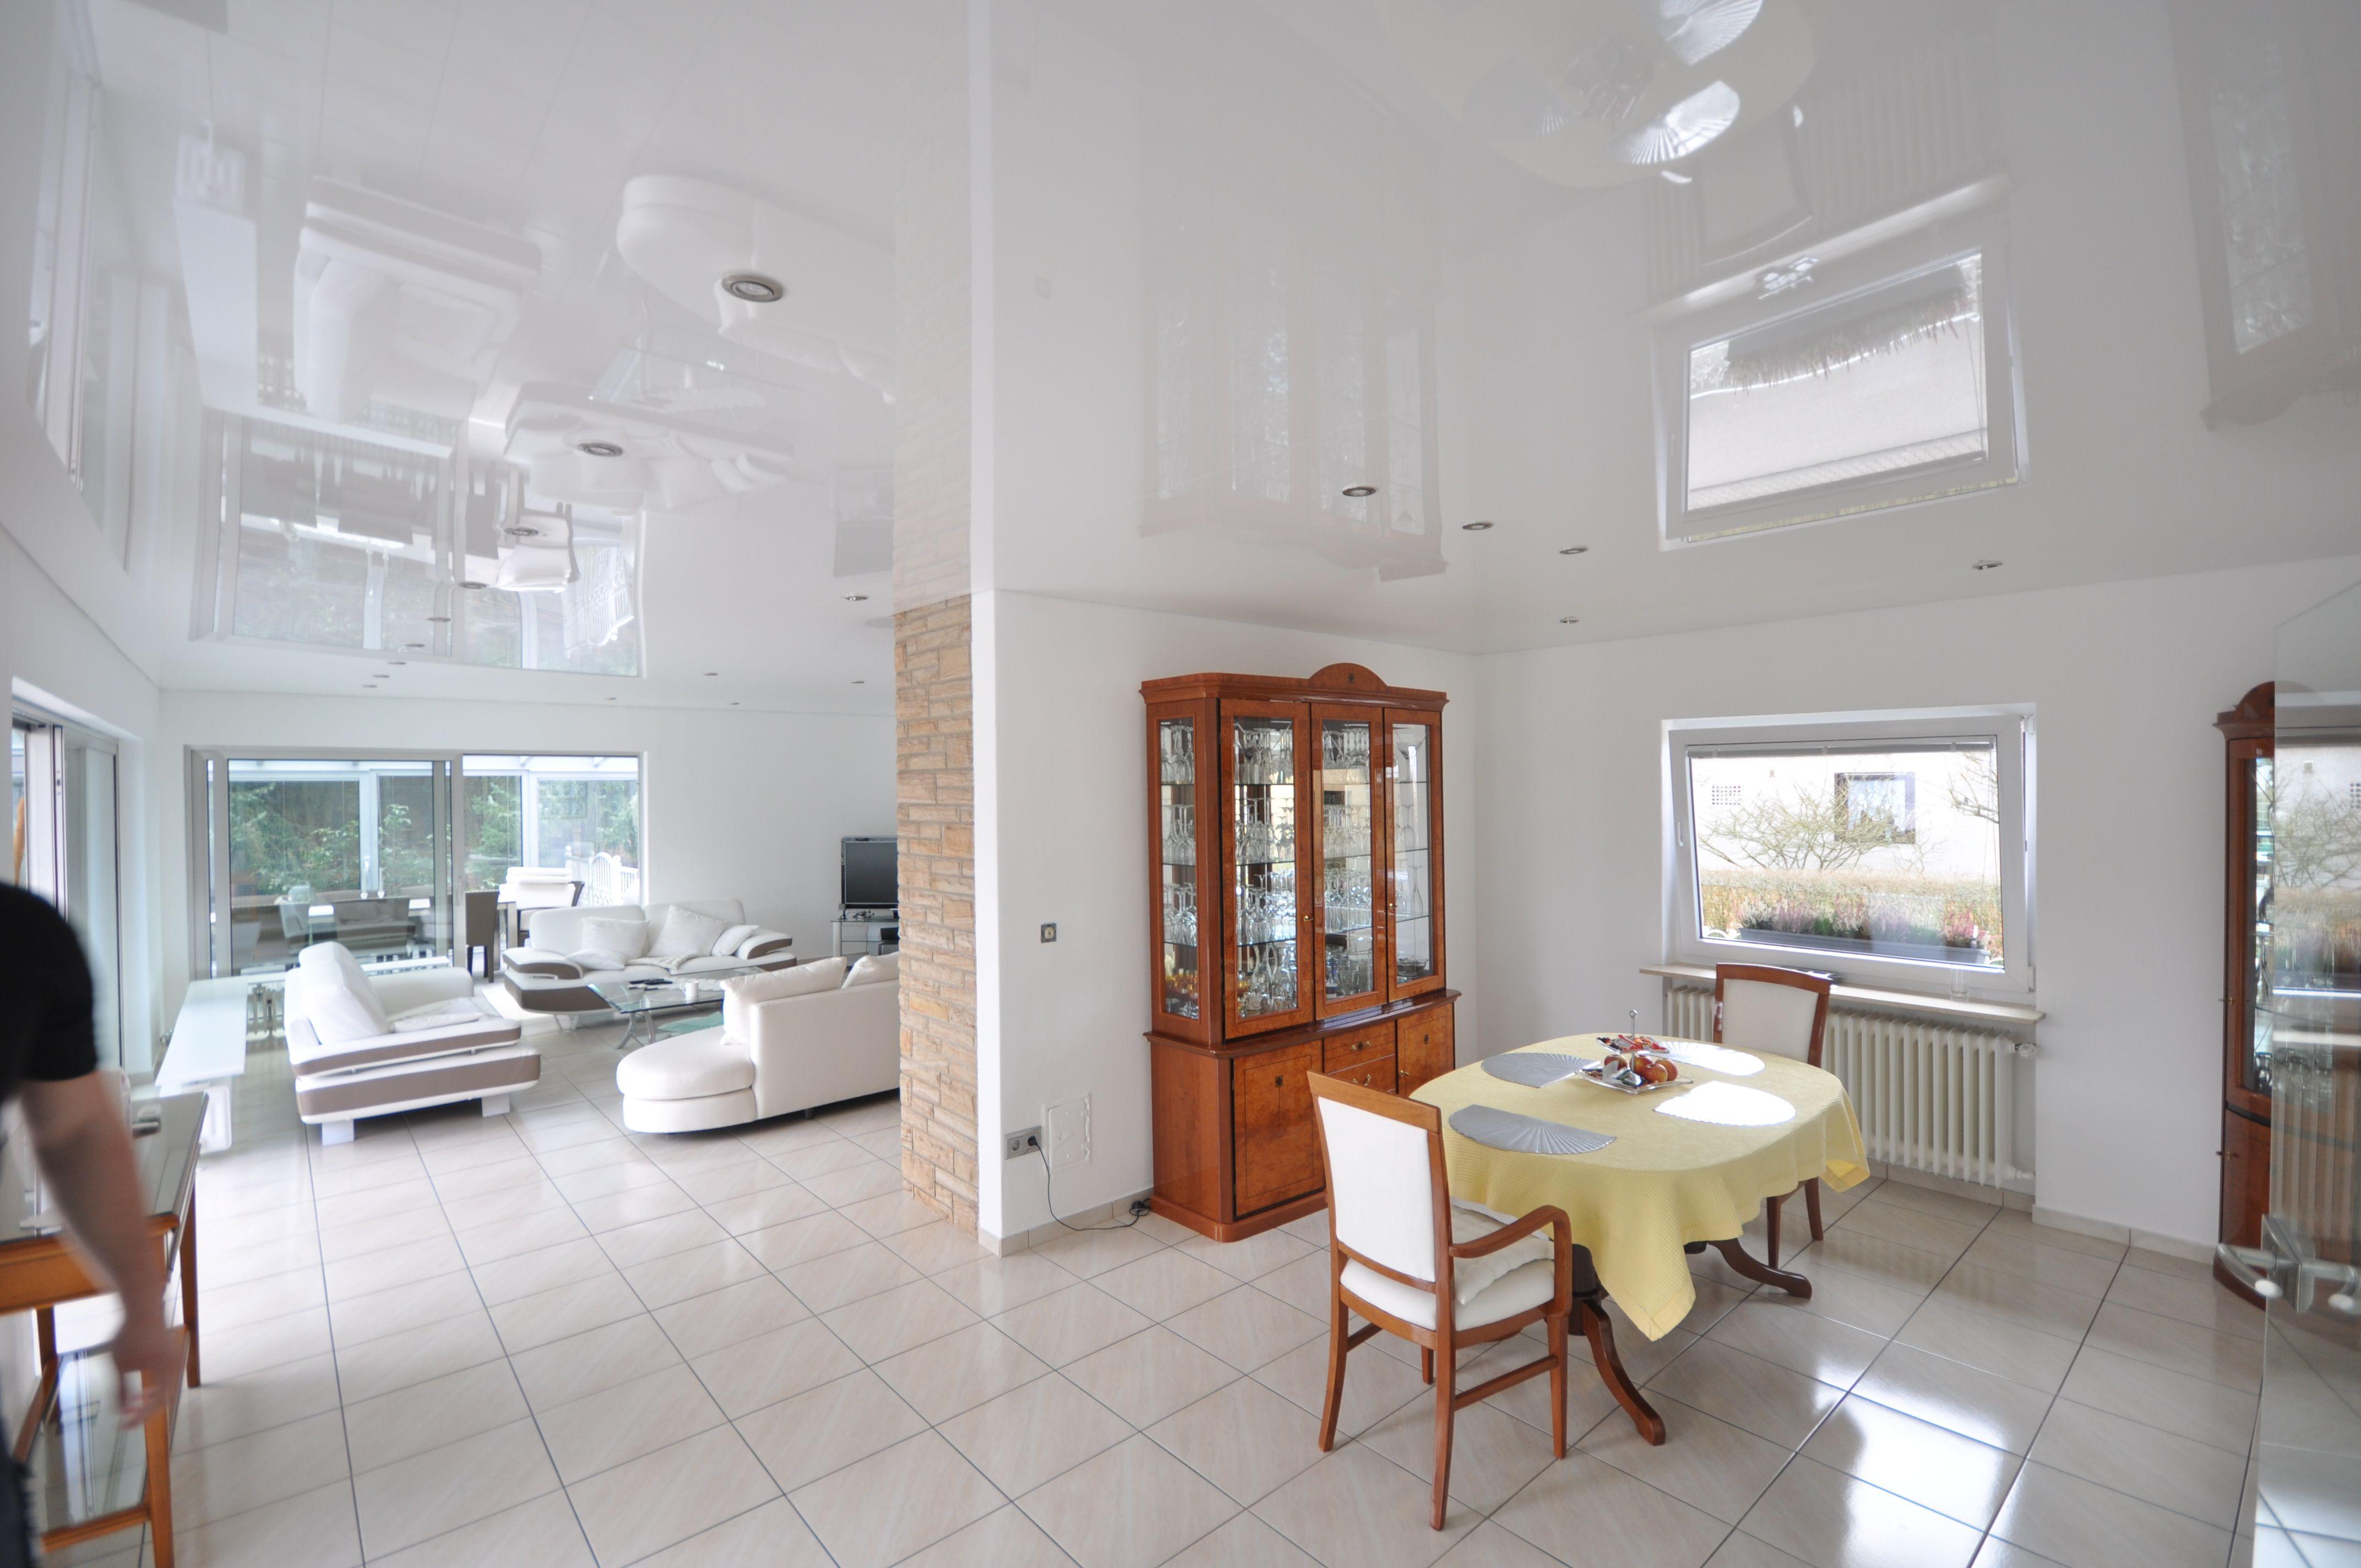 Wohnzimmer Weiß Einrichten, Spanndecke Weiß Hochglanz Mit Einbaustrahlern# Wohnzimmer#renovieren, Design Ideen